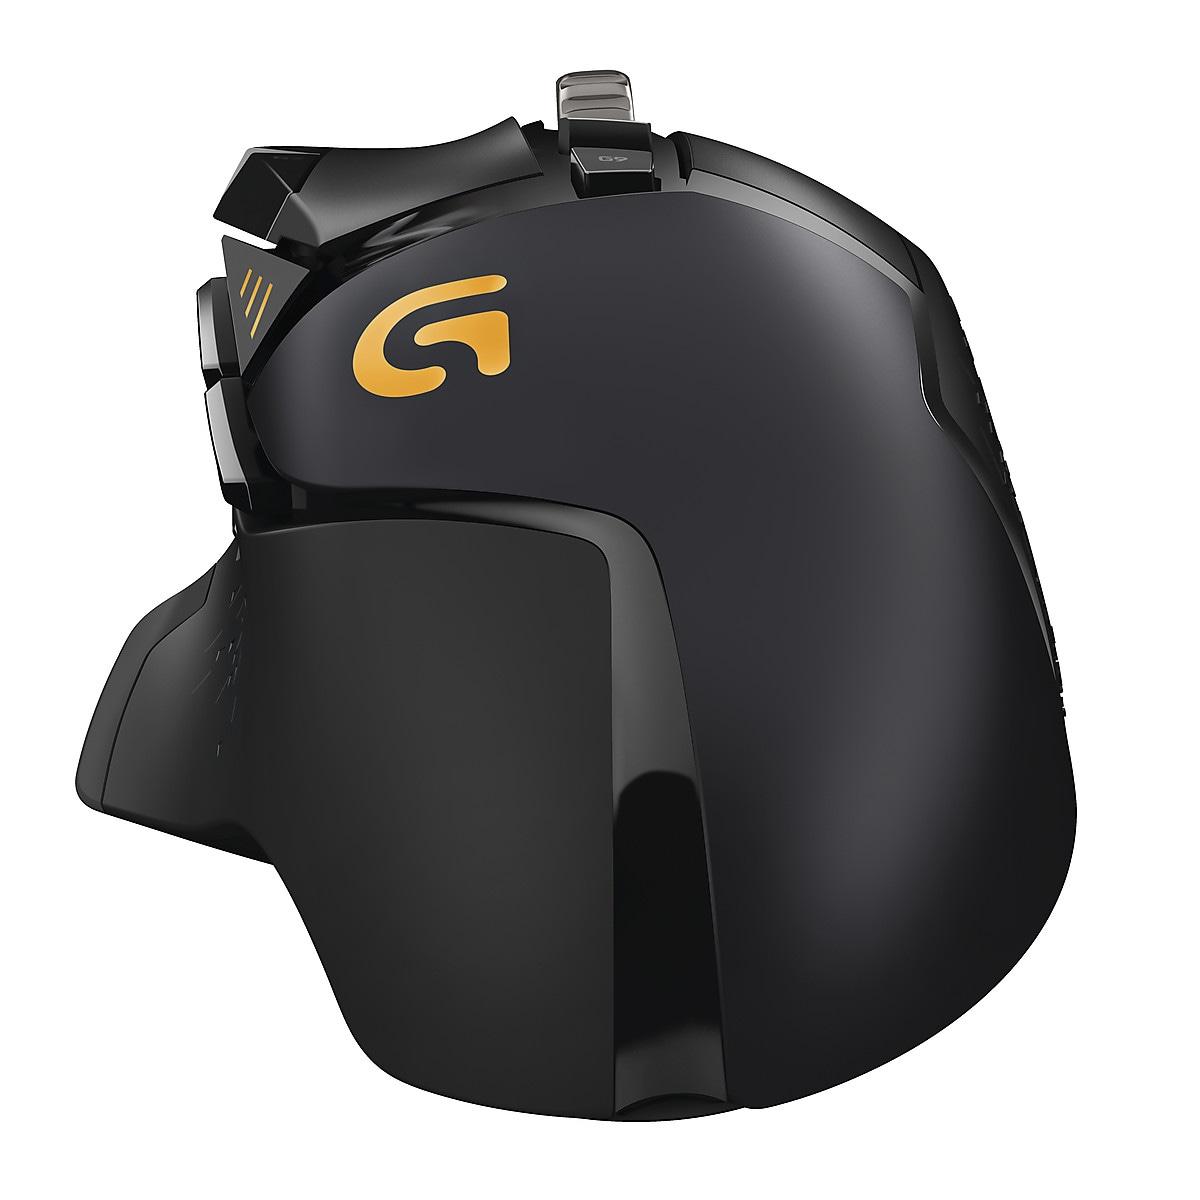 Gaming-mus Logitech G502 Proteus Spectrum